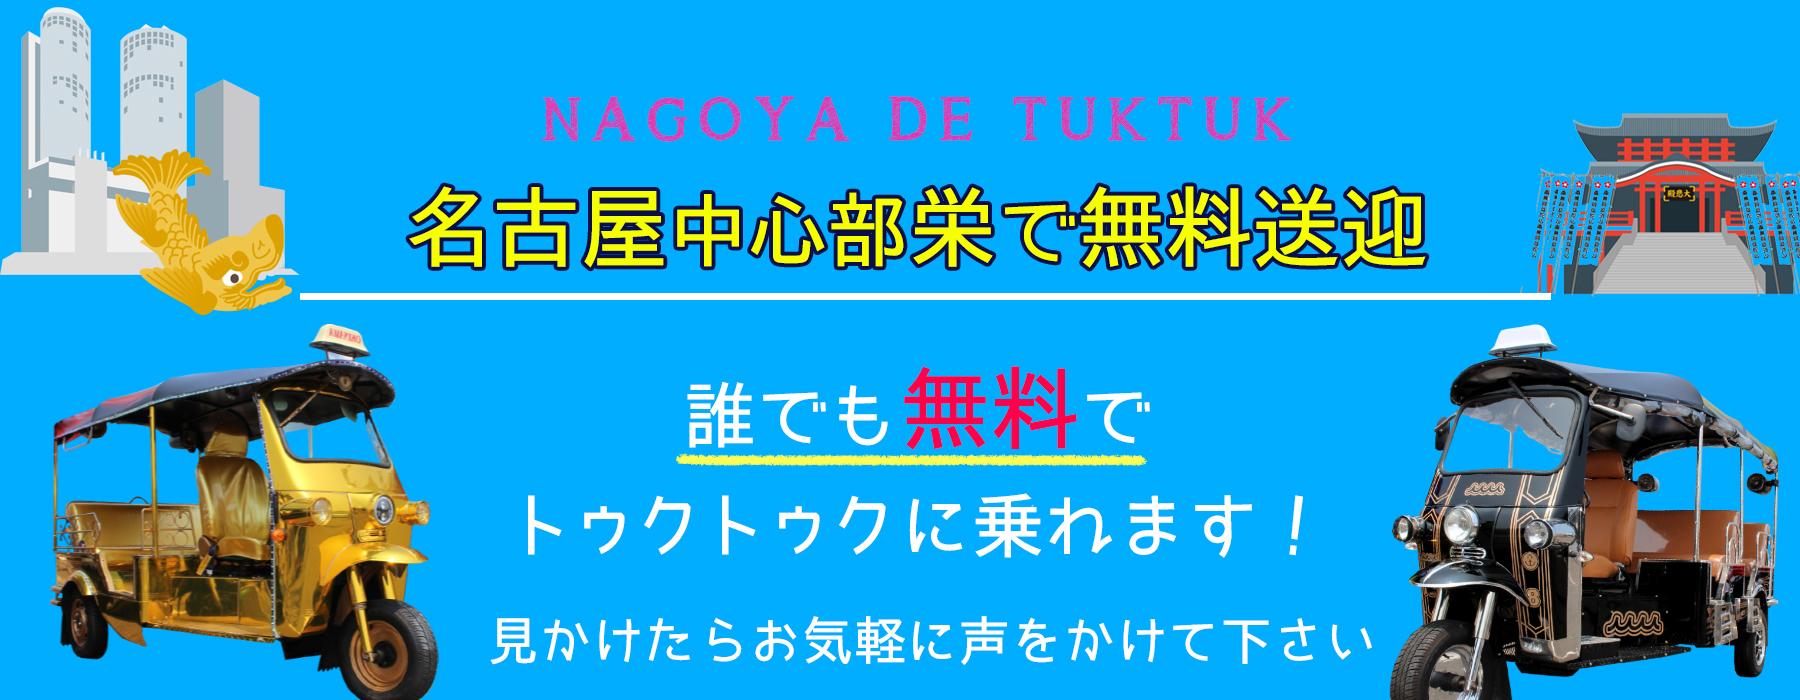 3か月限定名古屋でトゥクトゥク無料送迎